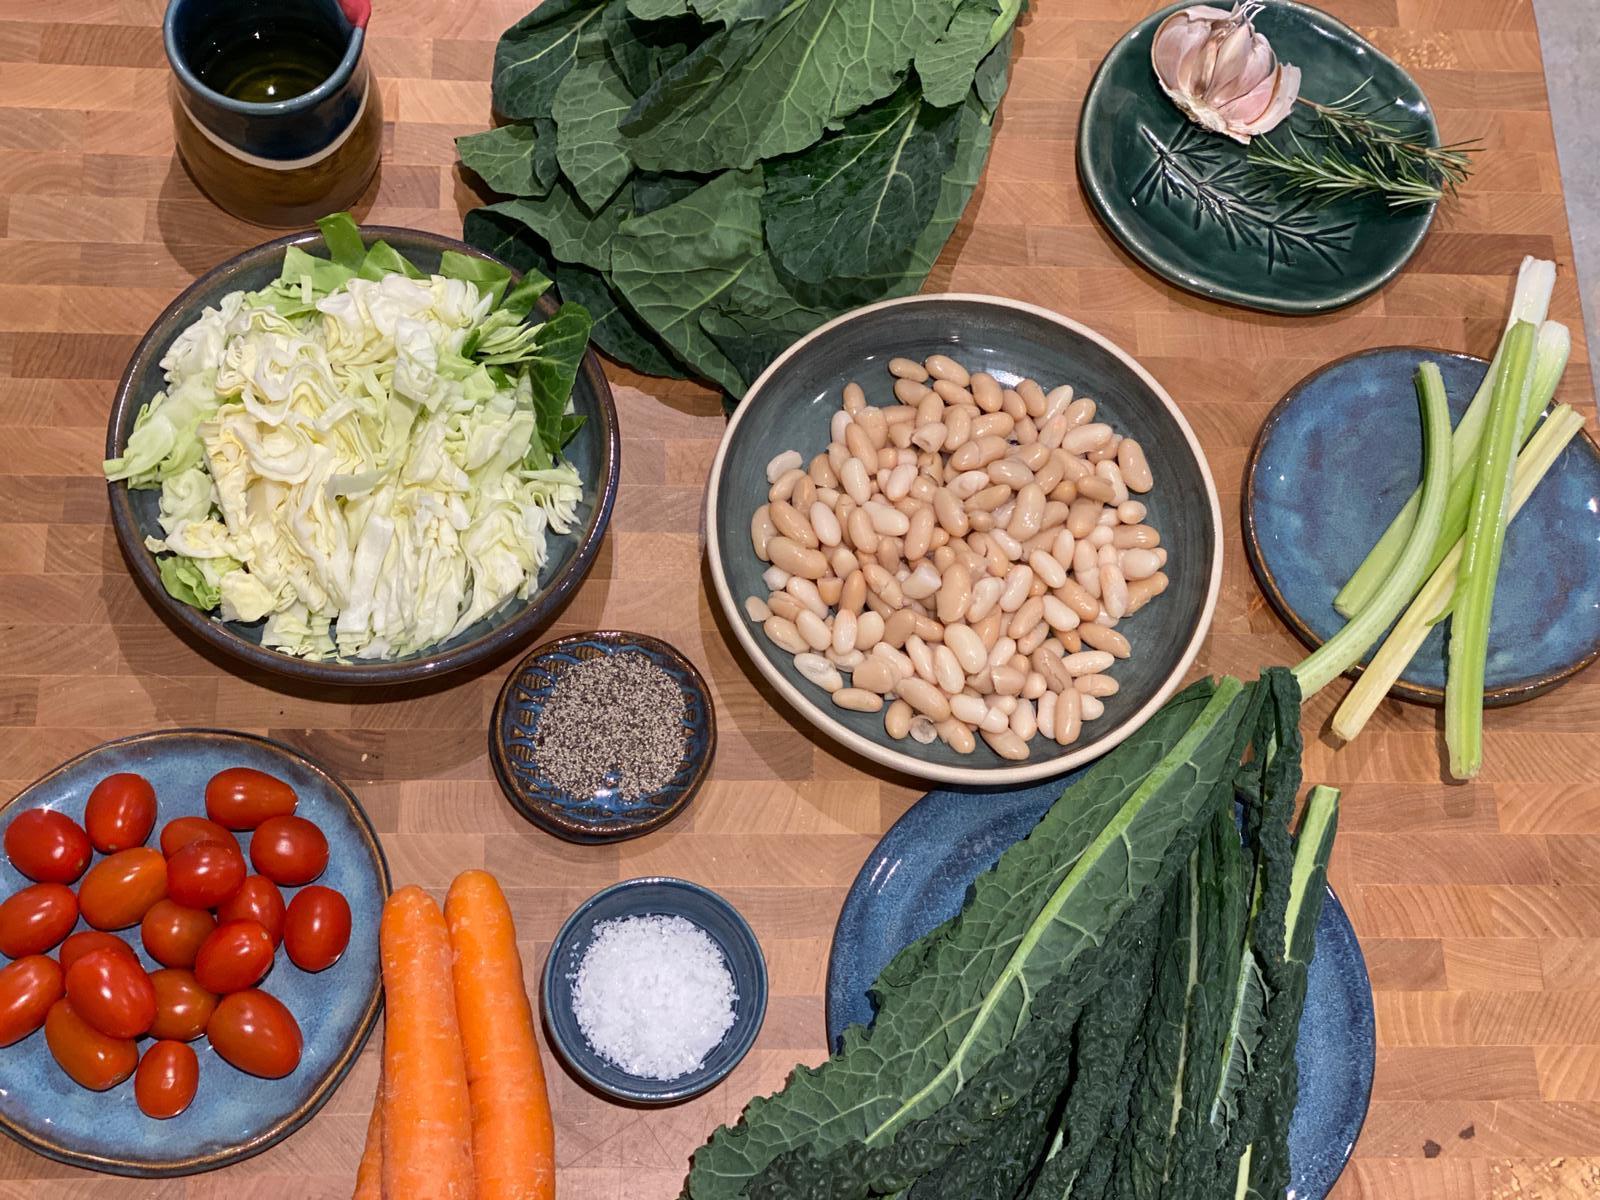 ingredients for ribollita